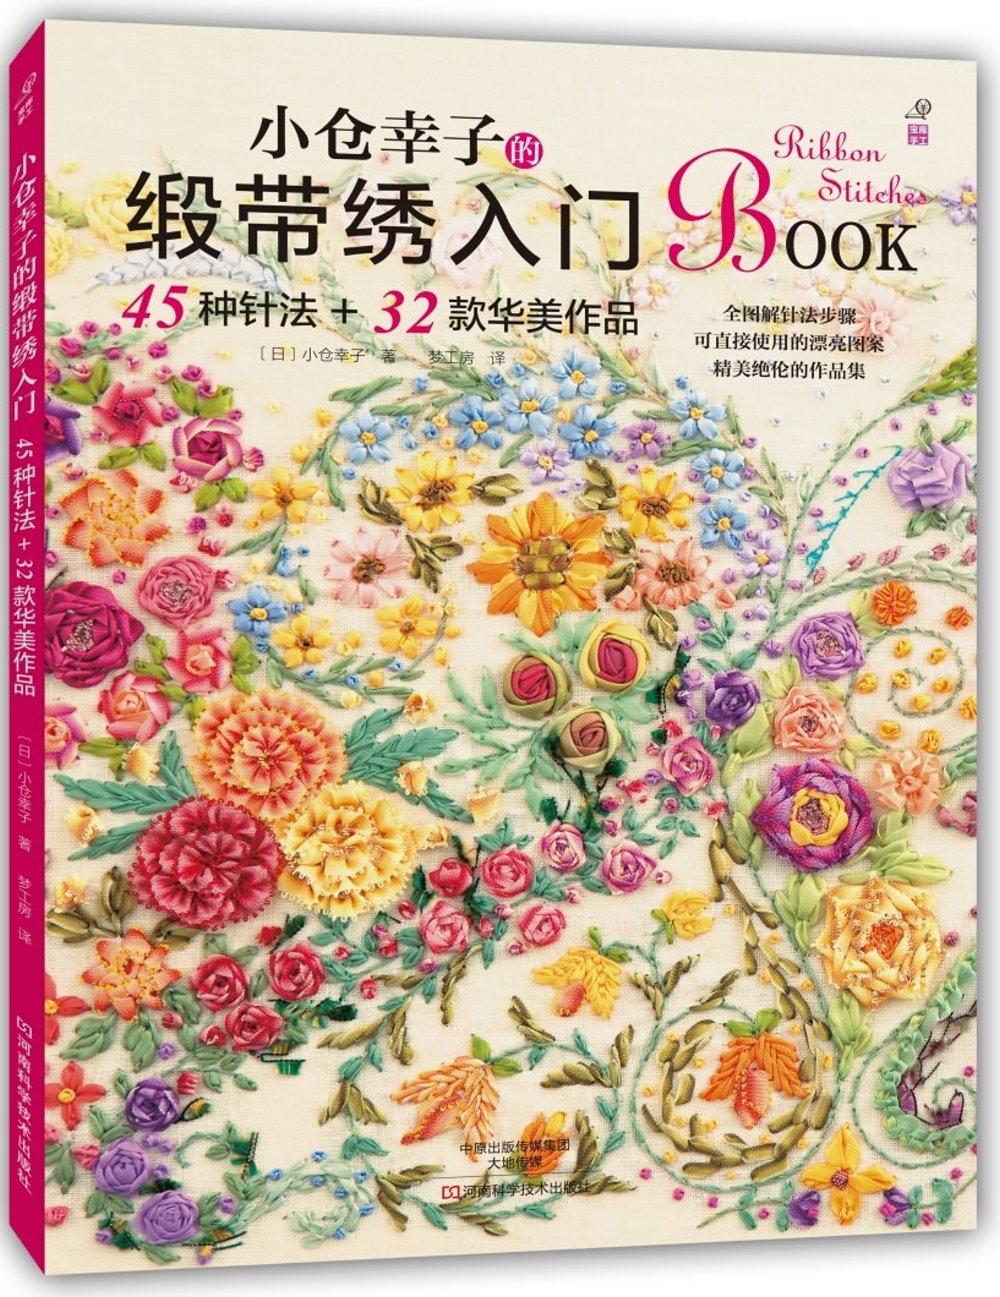 小倉幸子的緞帶綉入門:45種針法+32款華美作品